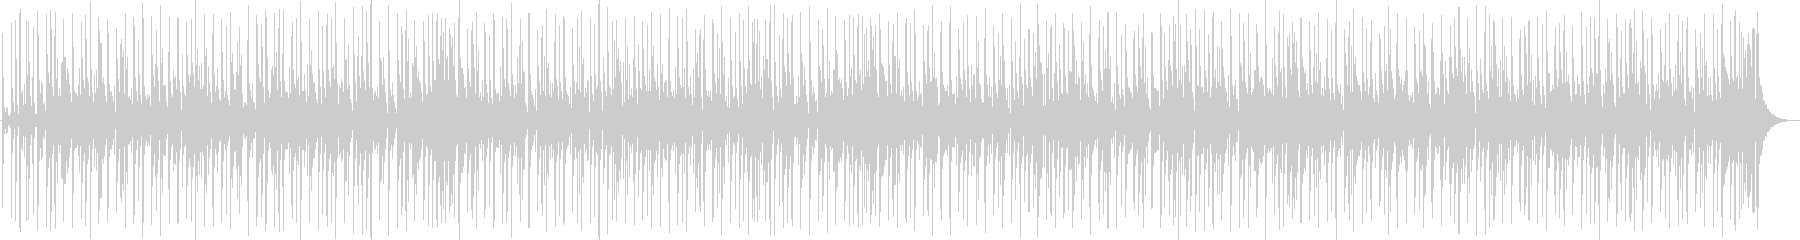 ファンキーなスラップベースの未再生の波形